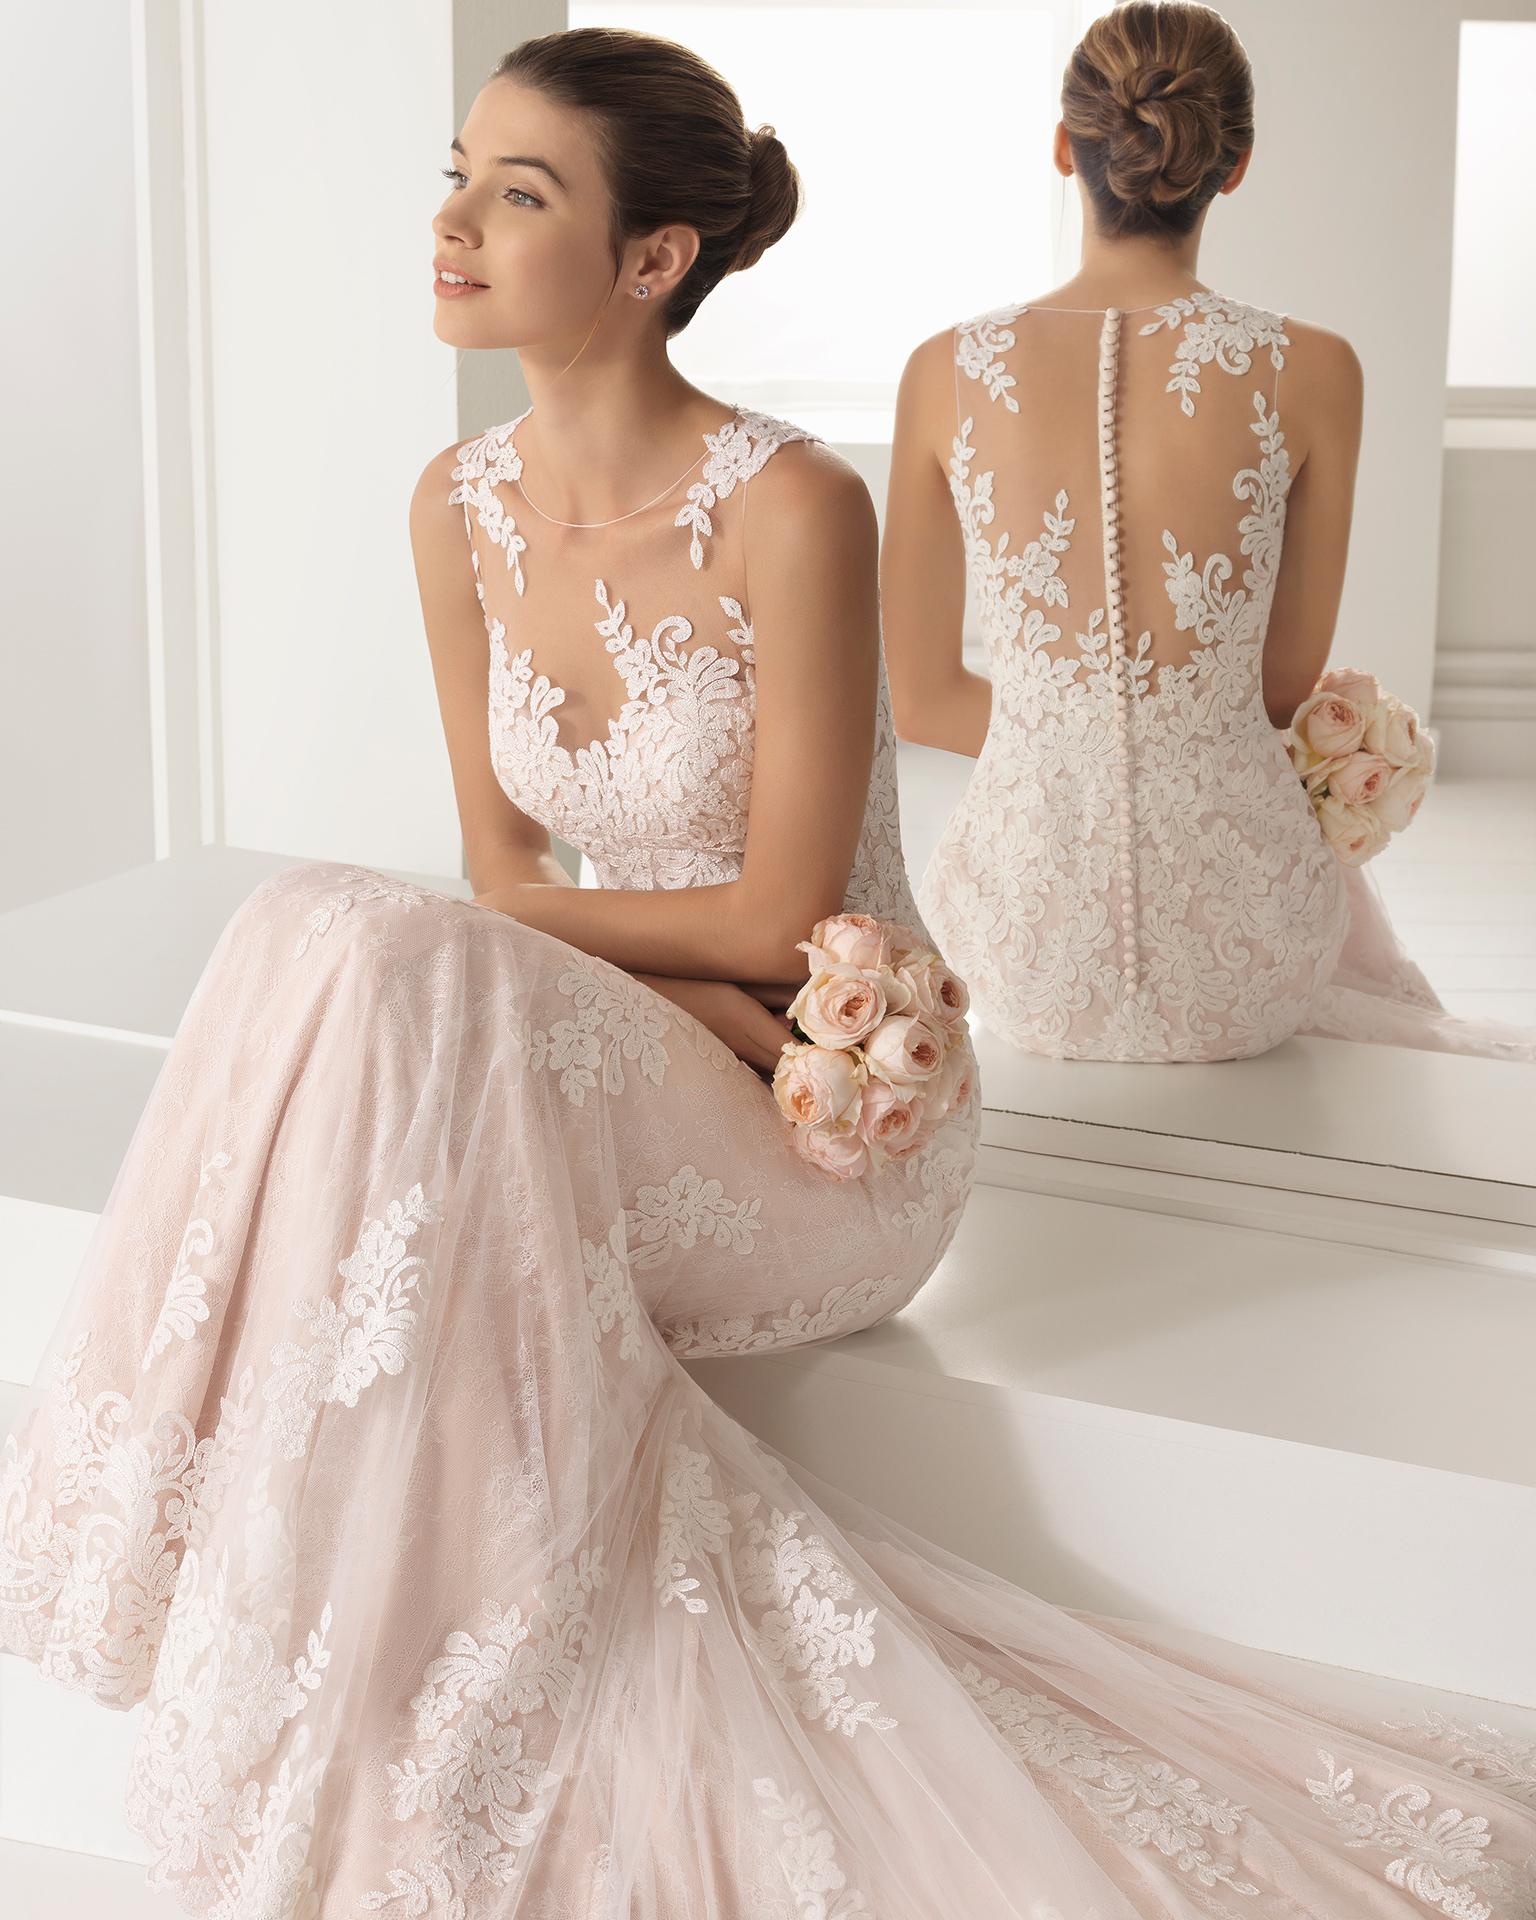 Vestido de novia estilo romántico en encaje transparente con escote ilusión en color natural y en rosé.